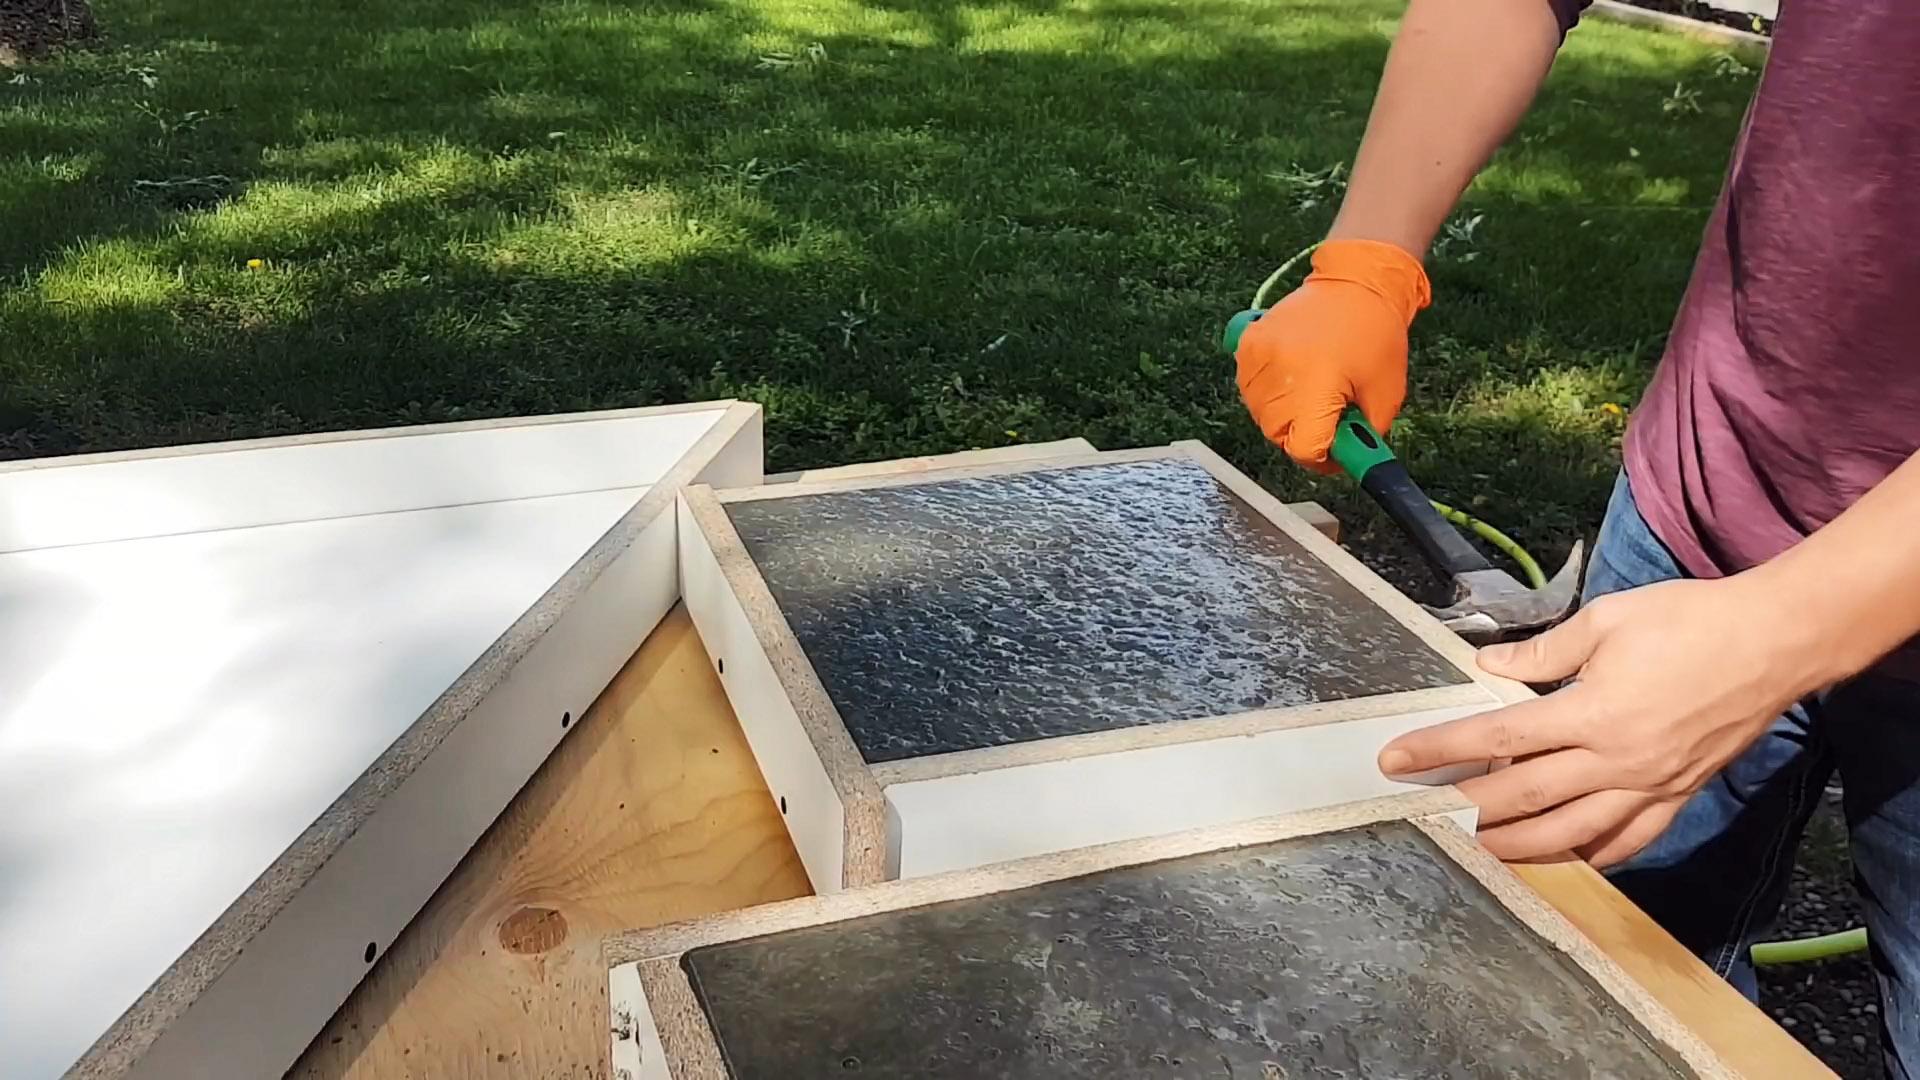 Как сделать форму и изготовить бетонную крупноформатную плитку быстро и качественно